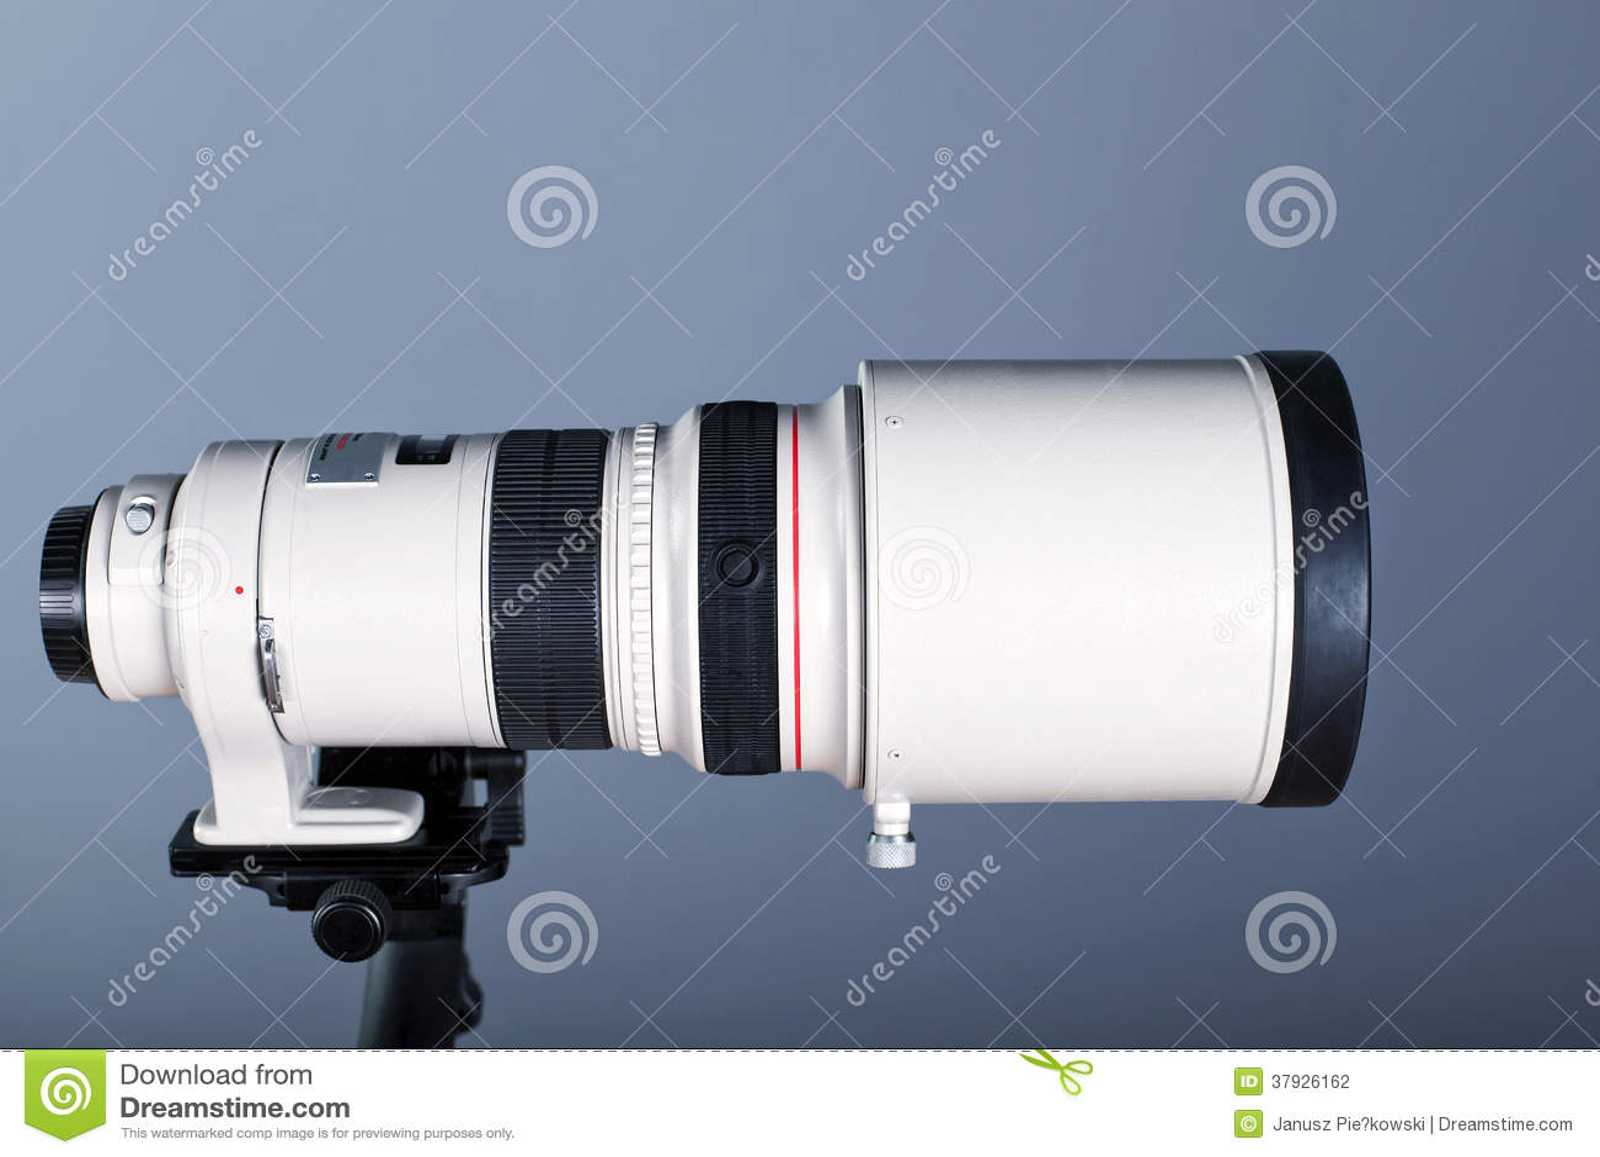 Объектив фотоаппарата телеобъектива